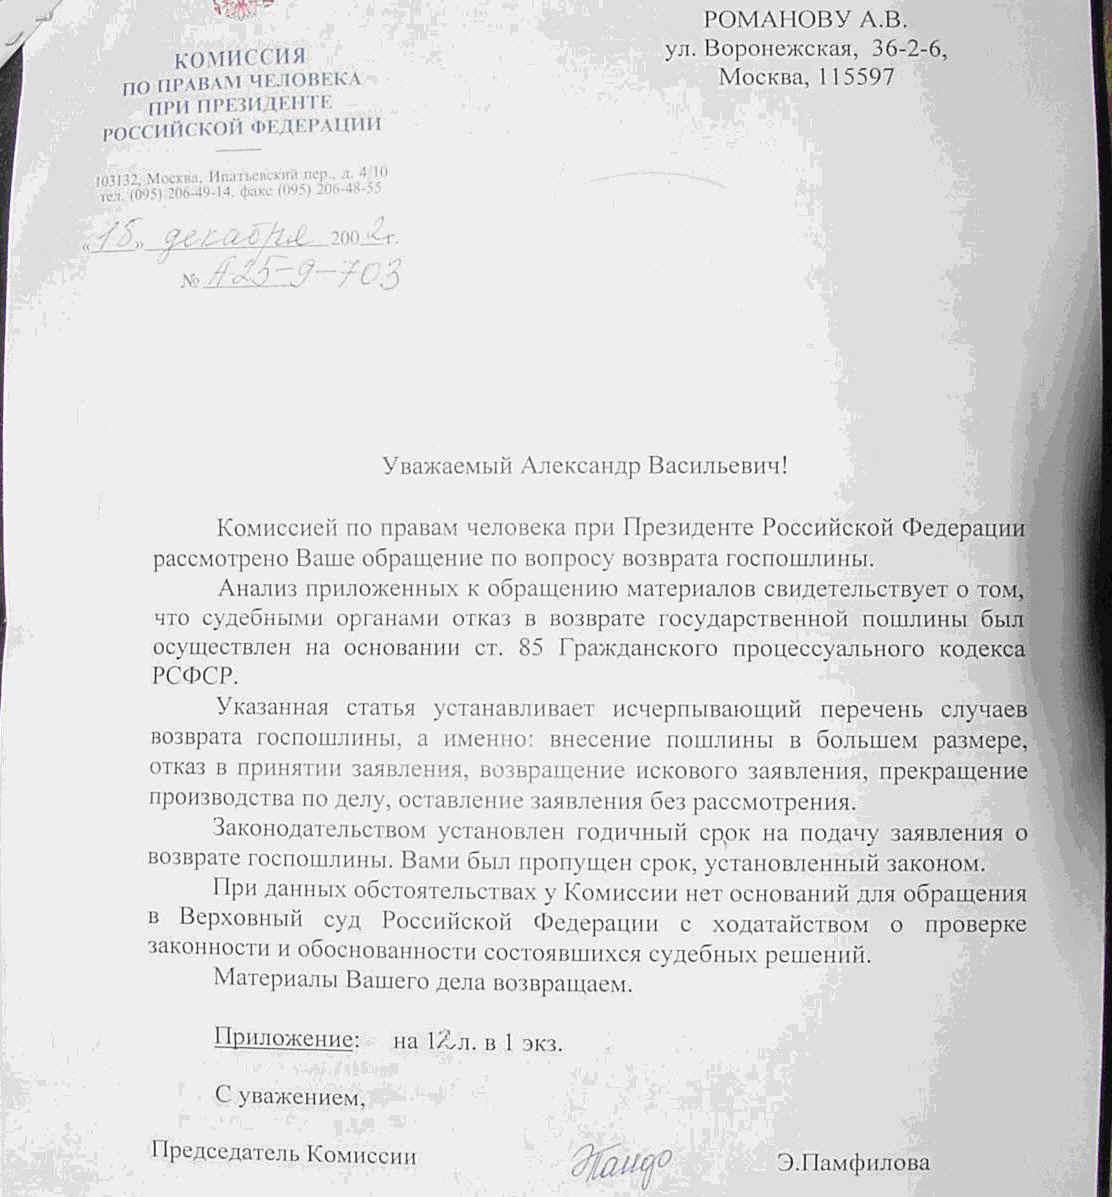 Диаспаре Заявление о возврате госпошлины в суд общей юрисдикции образец лет